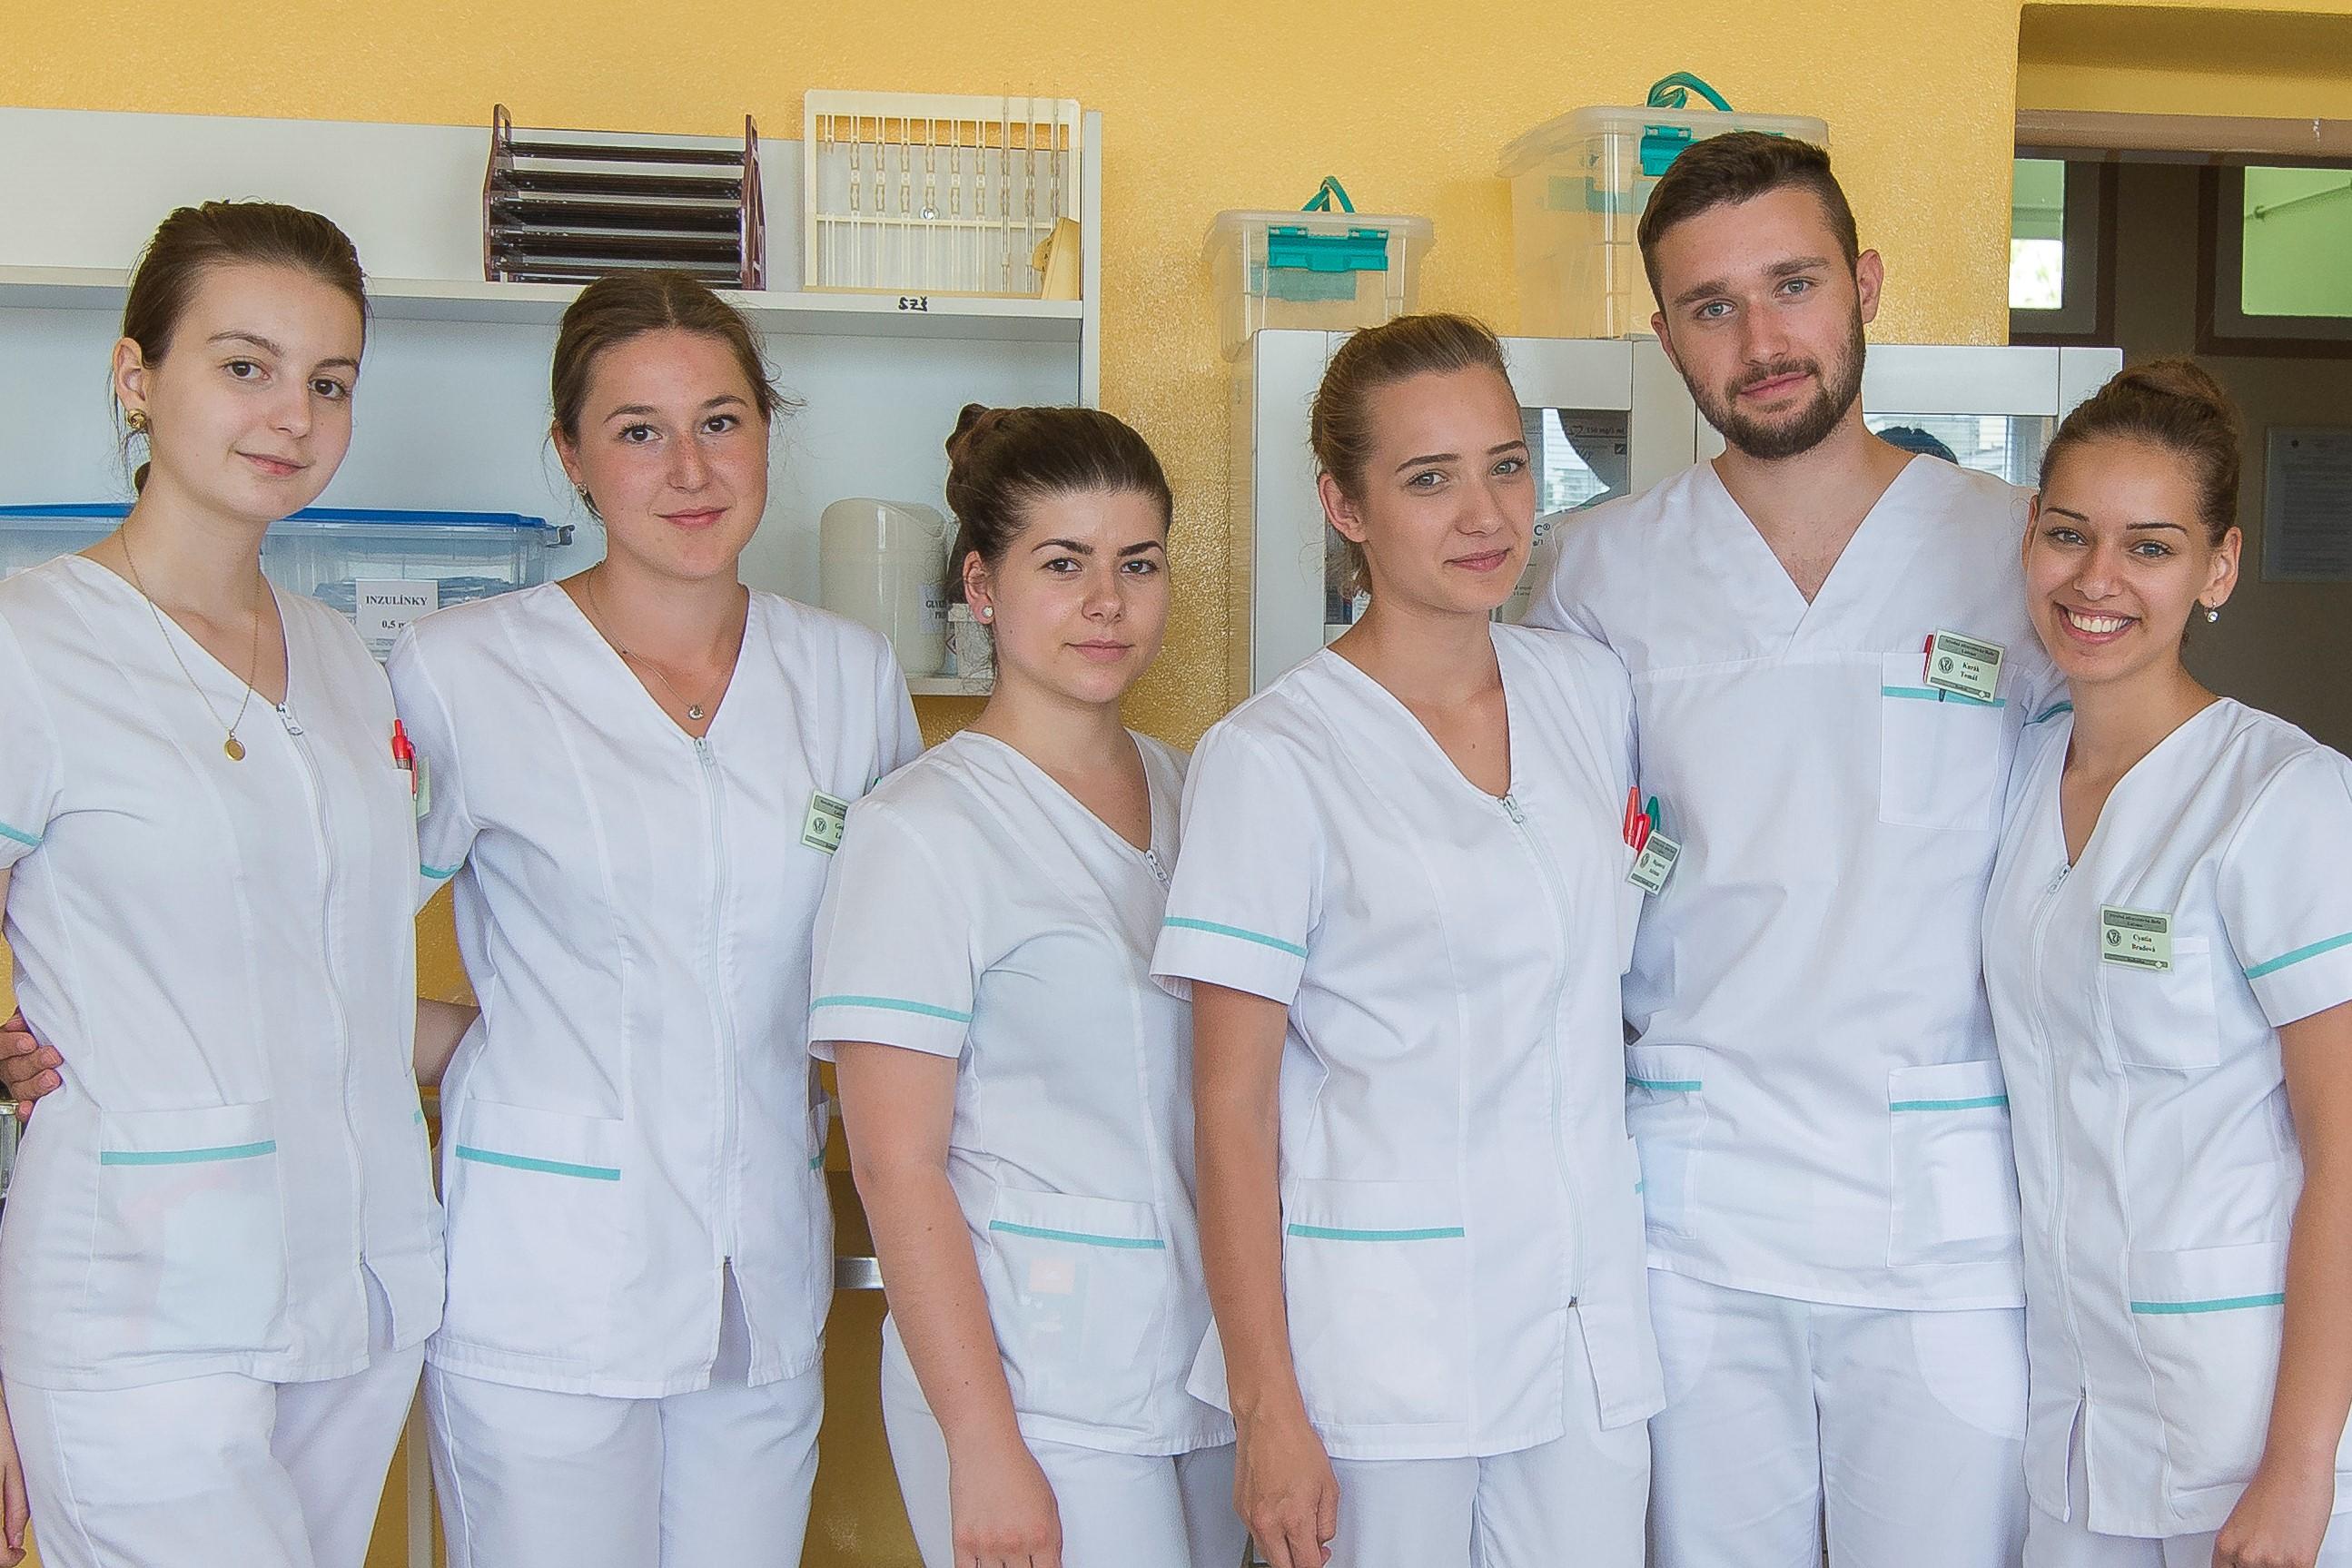 Praktické sestry potrebuje slovenské zdravotníctvo ako soľ - ASZSSR 3f4bc7171d7